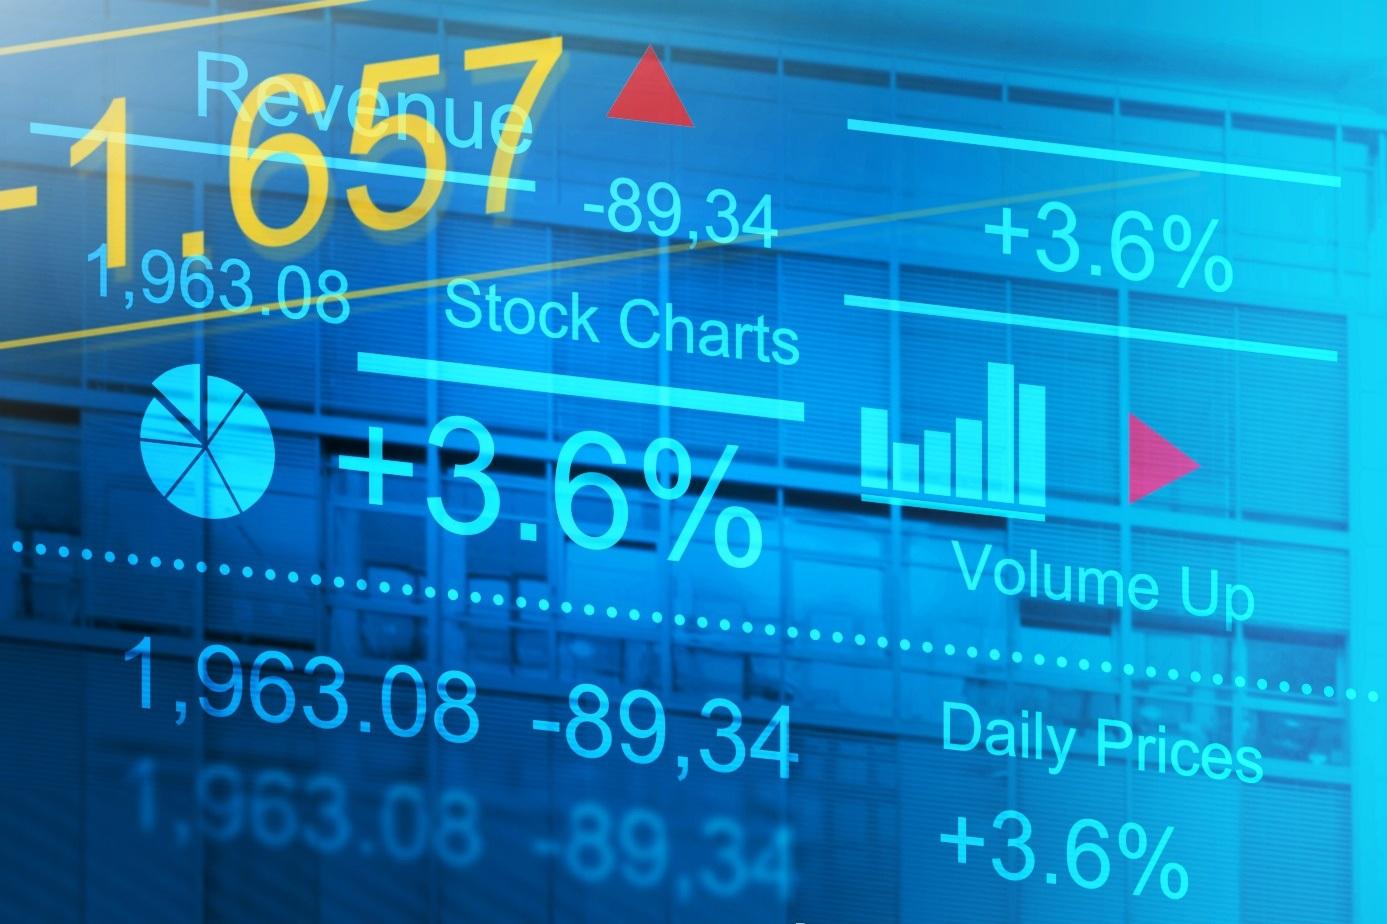 Felix Haupt informiert – die wichtigsten Fakten über Aktienindizes